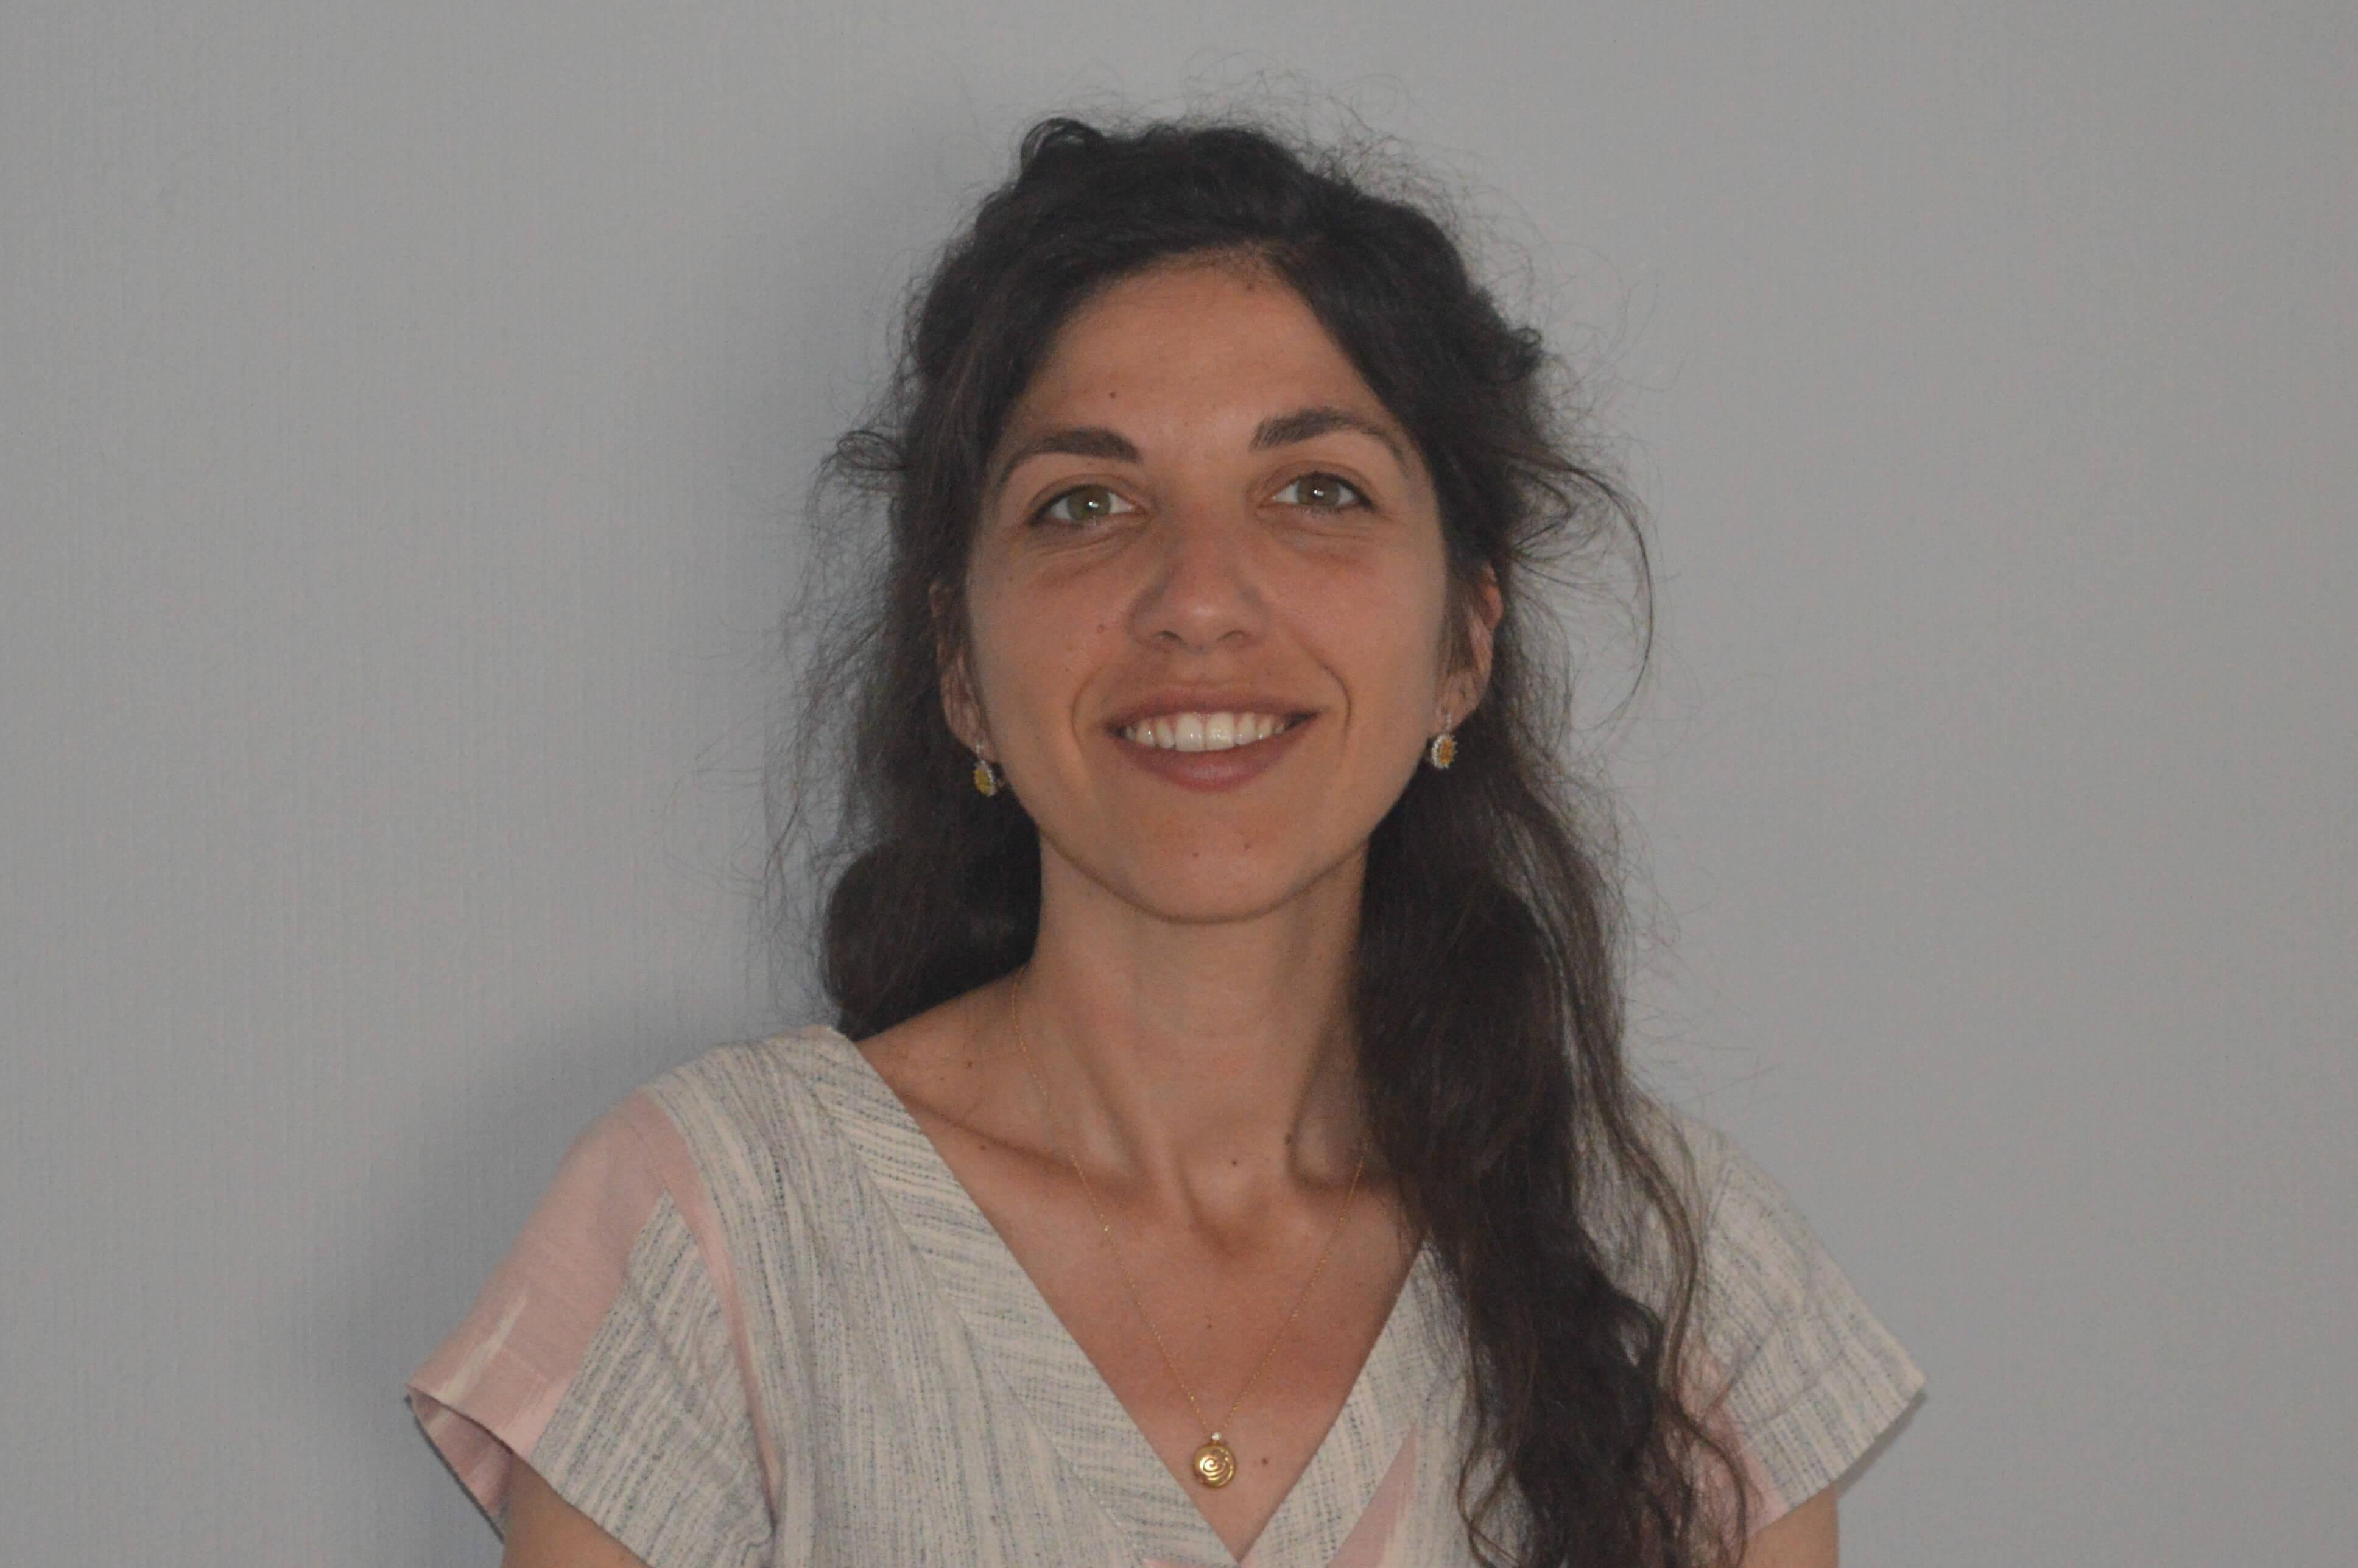 Diletta Guidi